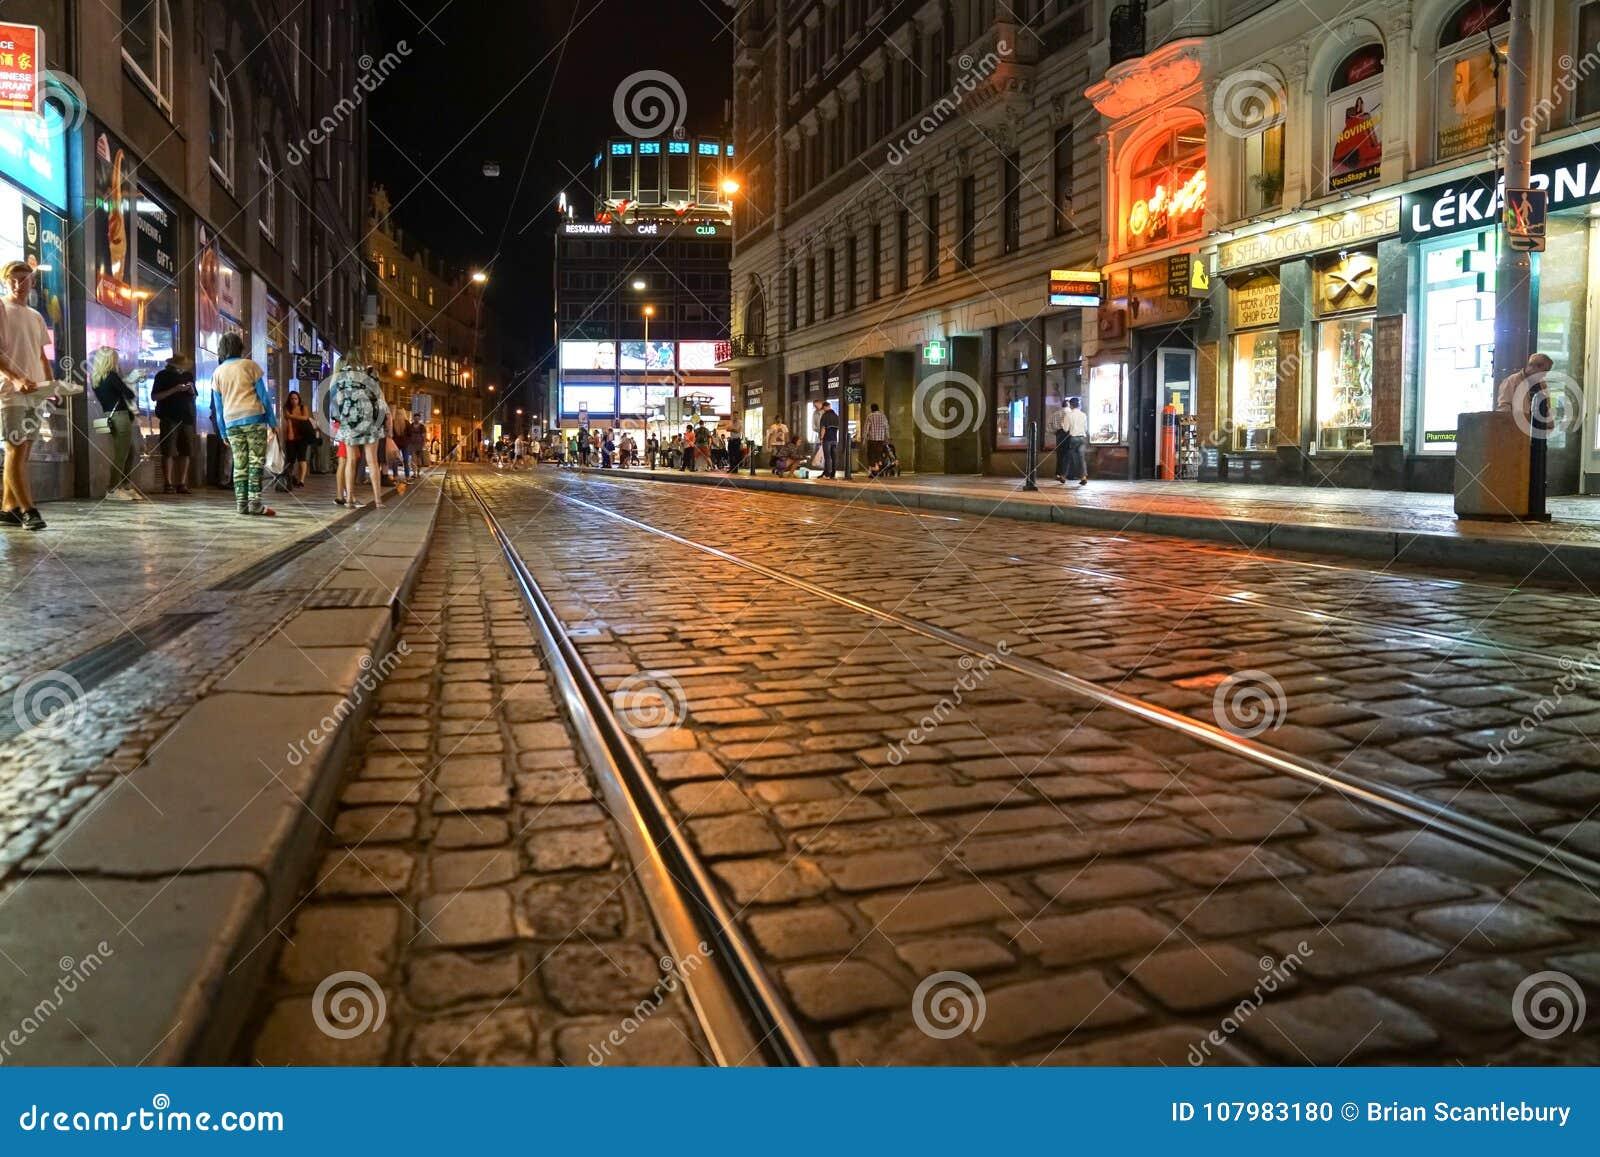 Czech streets 30